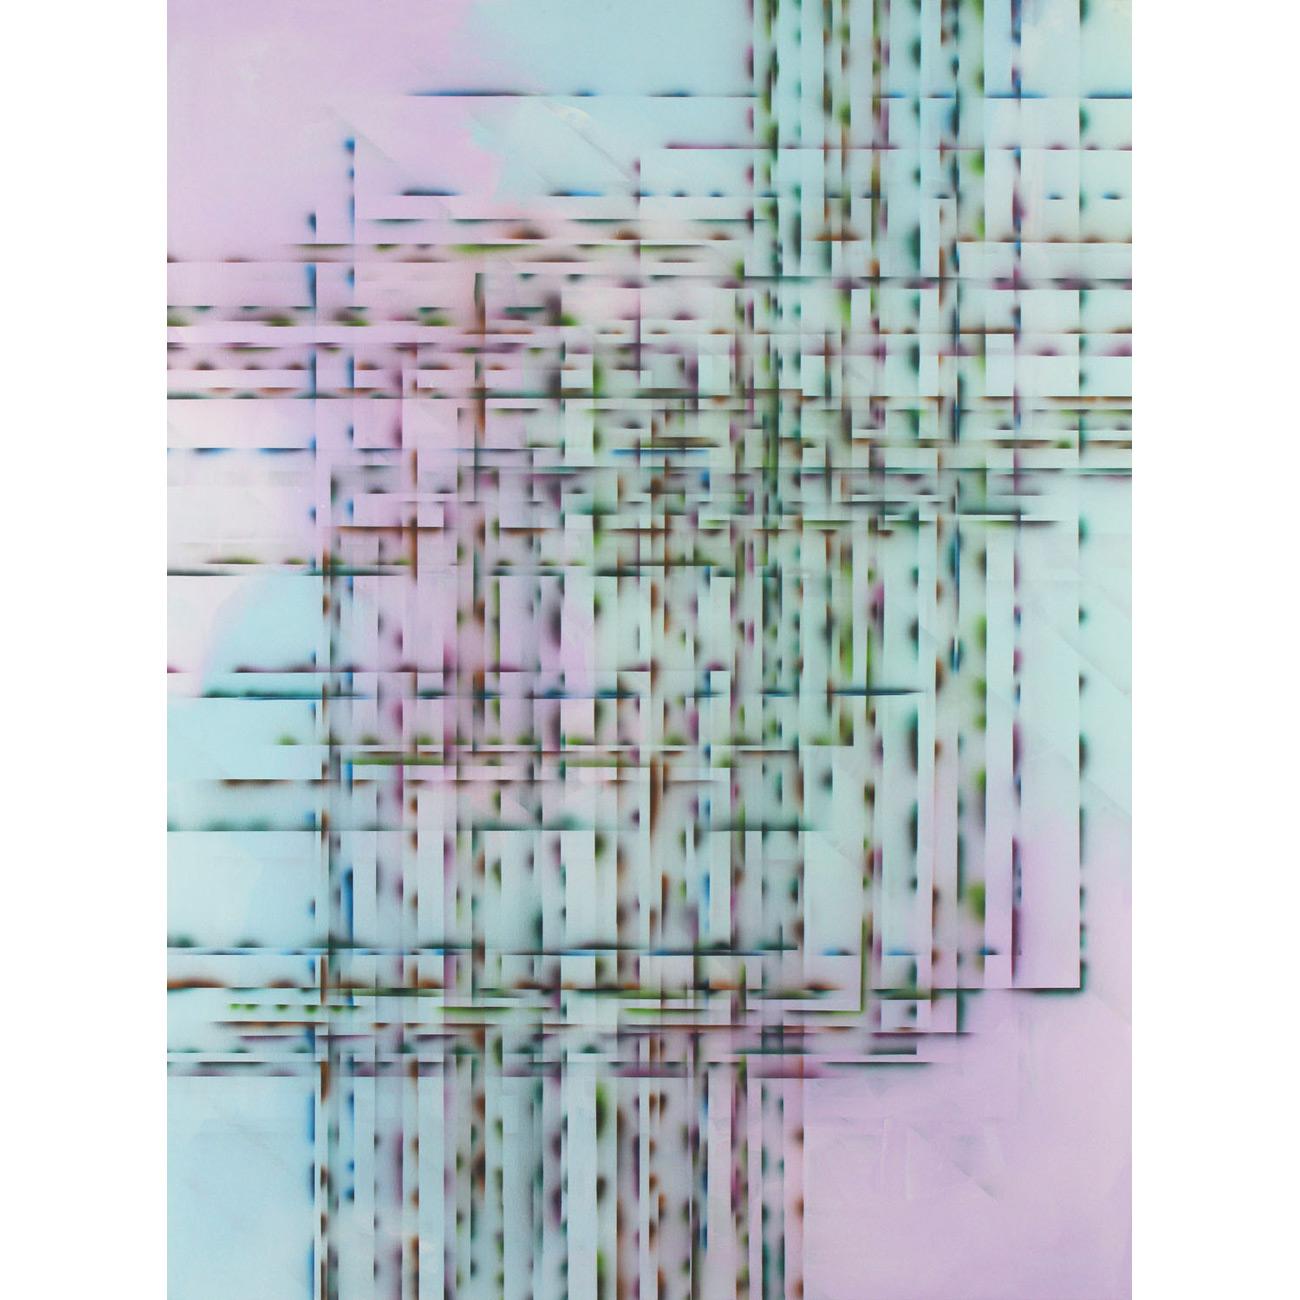 immer wieder, immer noch . 2010 . 200 x 150 cm . Acryl auf Baumwolle